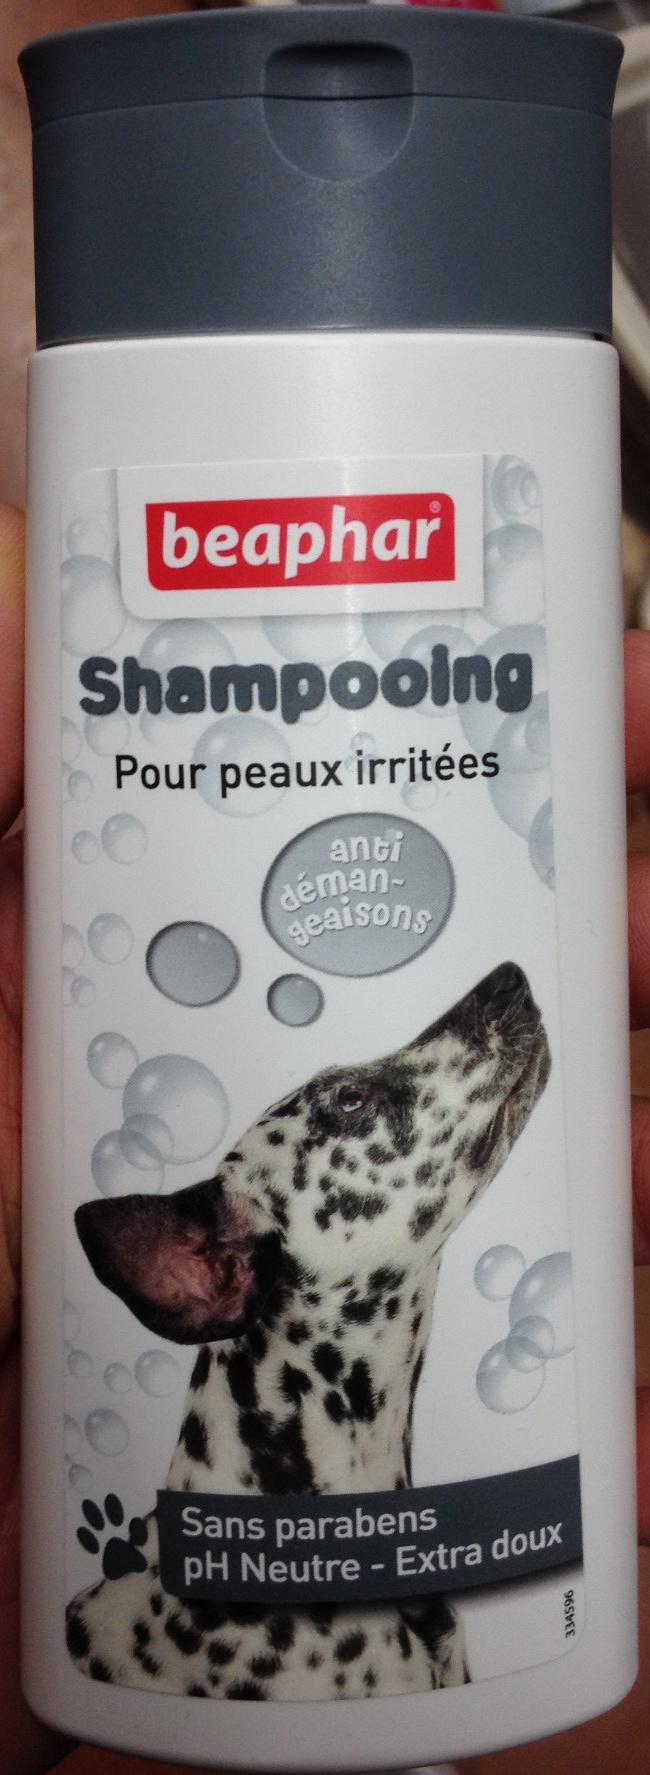 Shampooing pour peaux irritées - Produit - fr